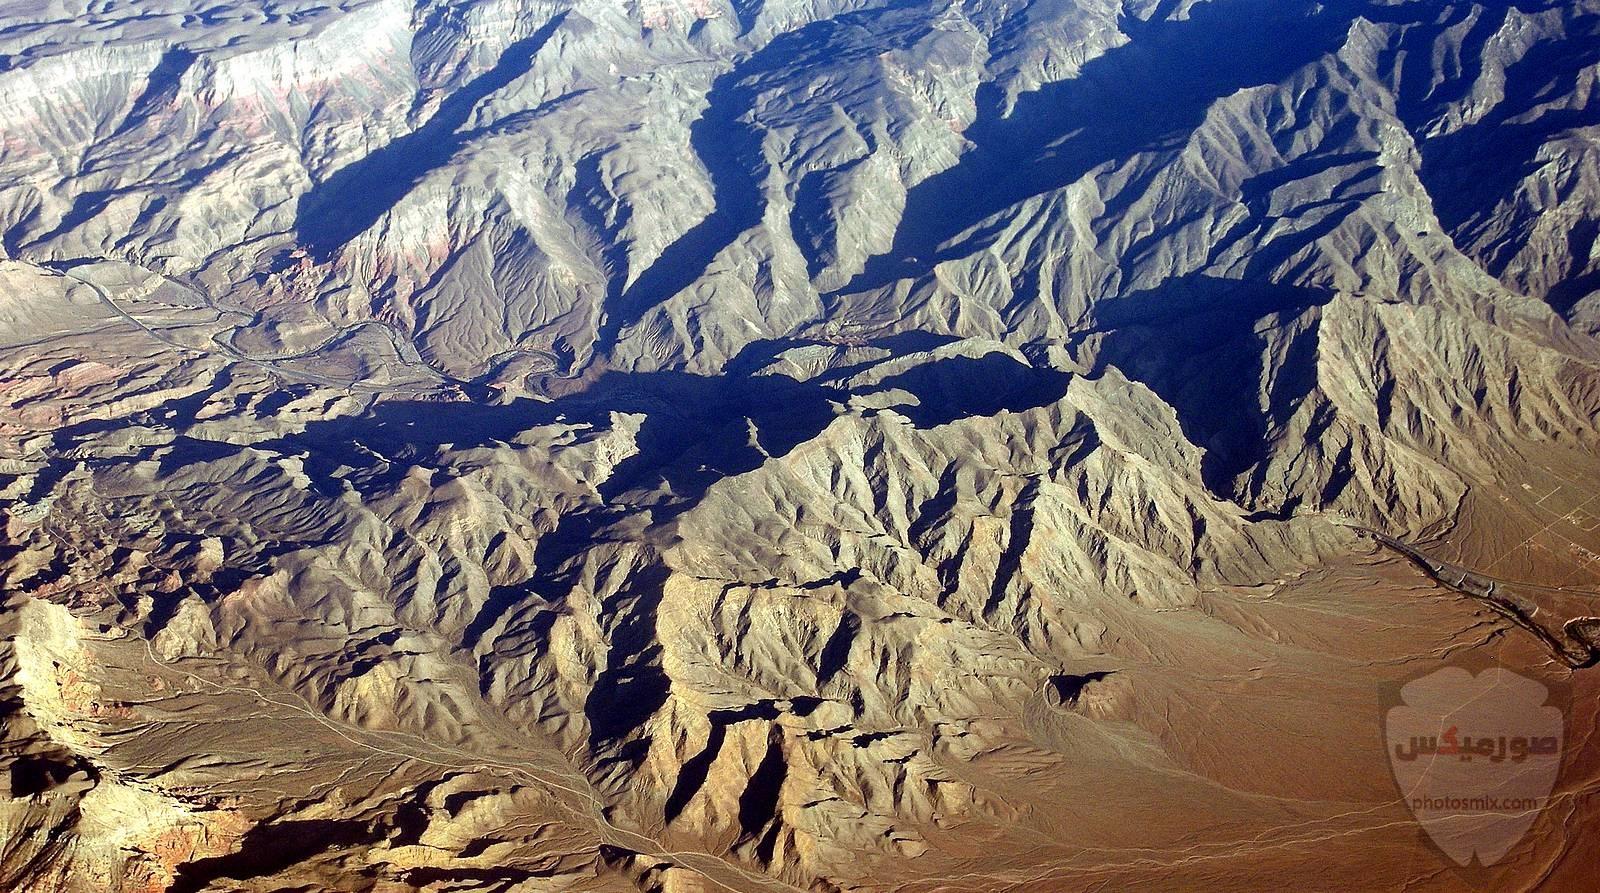 صور جبال خلفيات جبال بجودة HD احلي صور الجبال 9